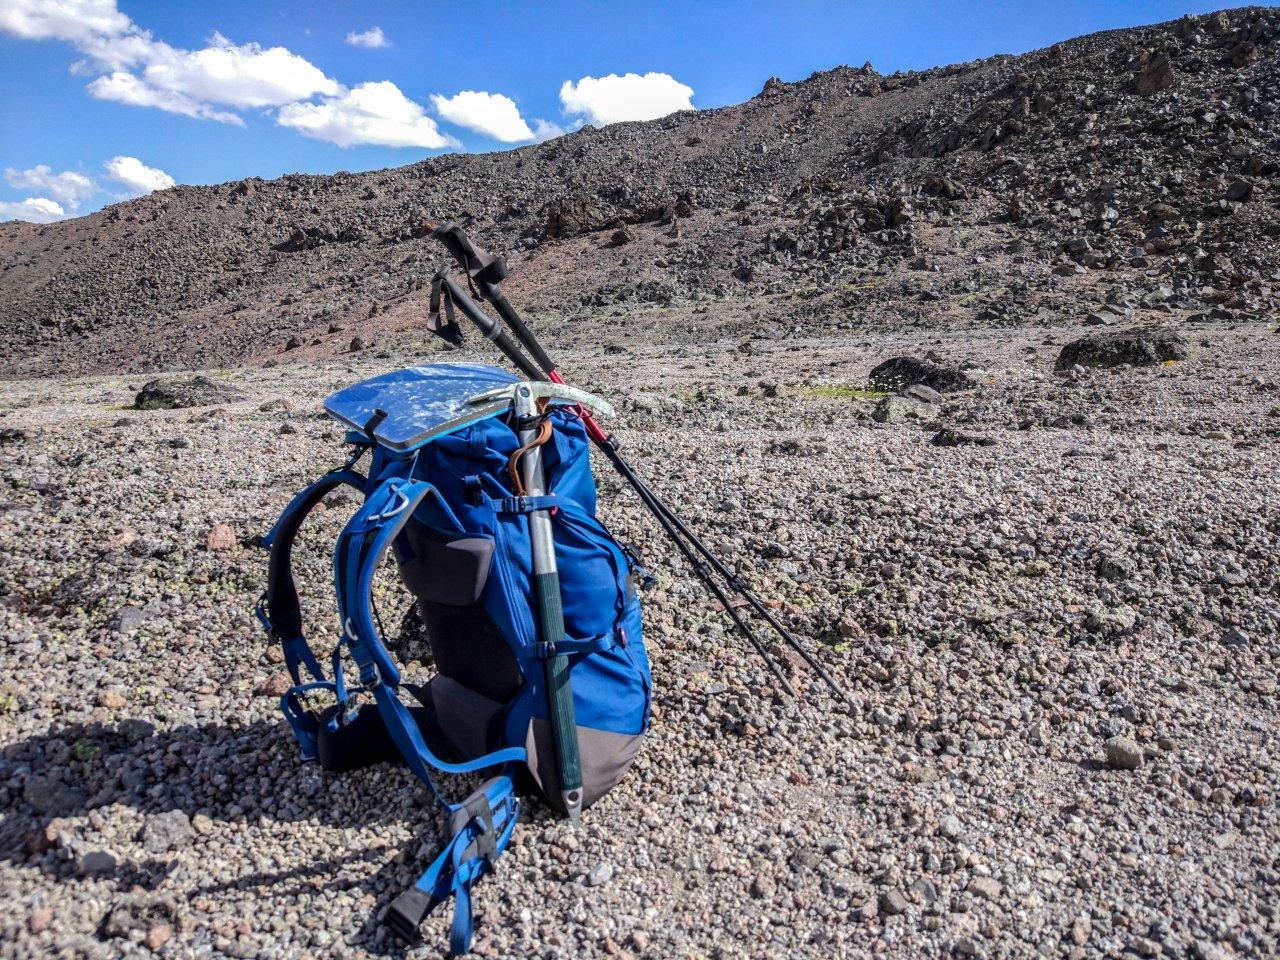 Классика длительных походов — рюкзак с жесткой спинкой и мягкими лямками. Фото: Андрей Изотов